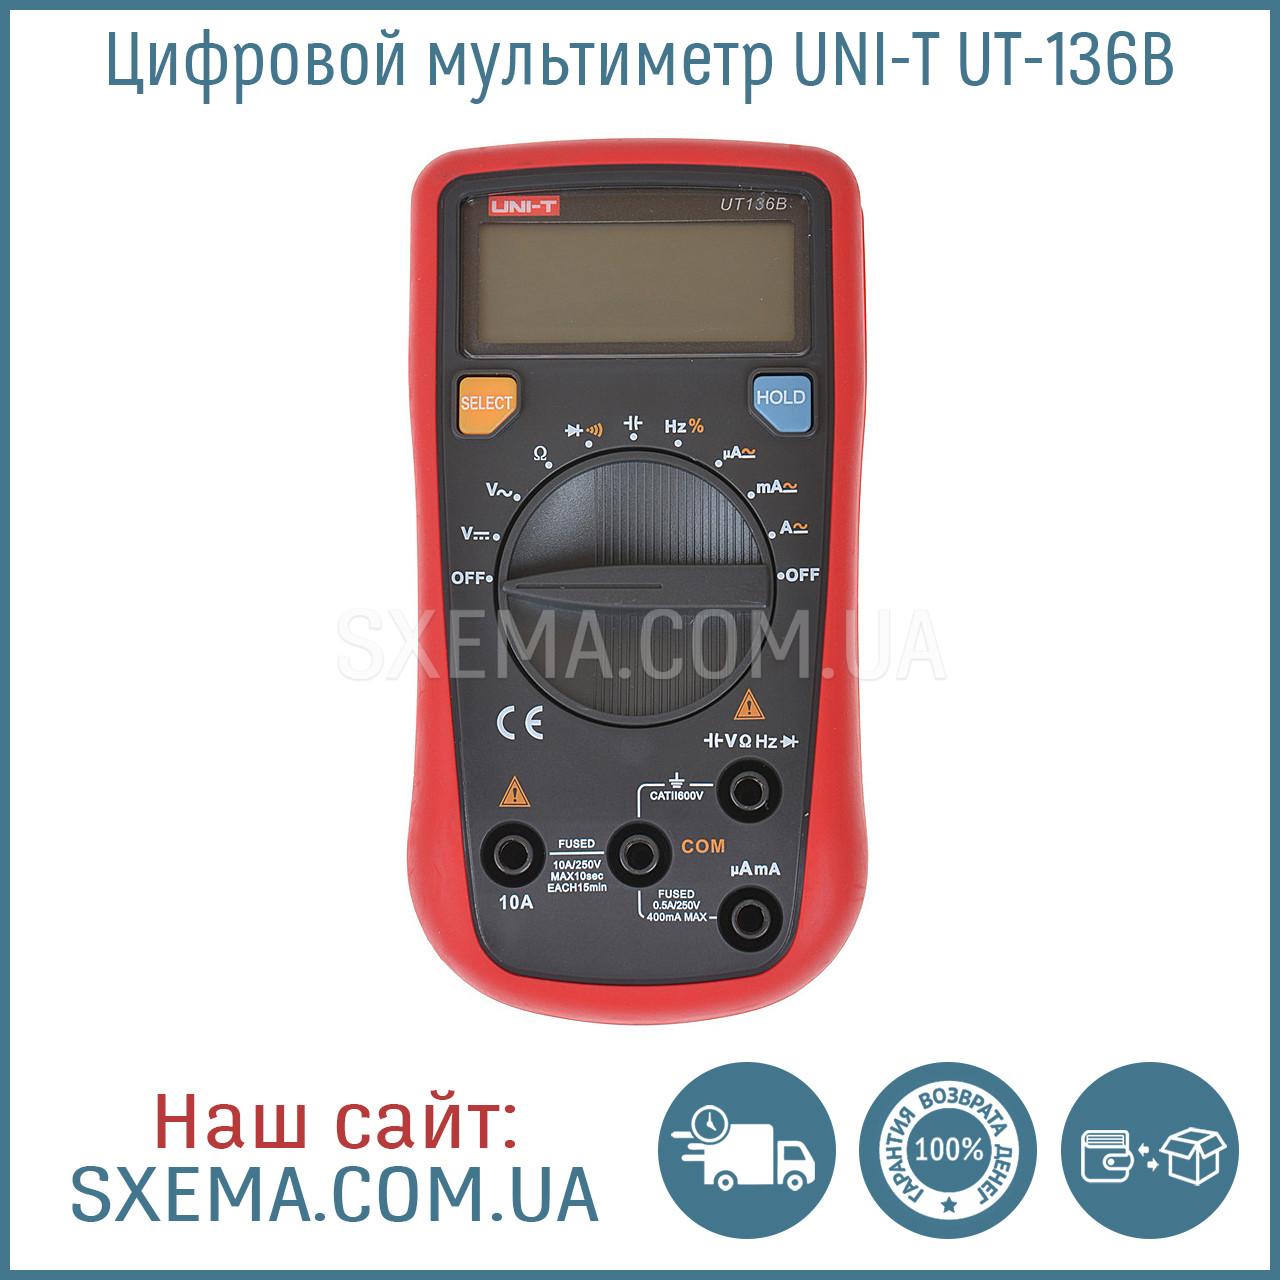 Цифровой мультиметр UNI-T UT-136B